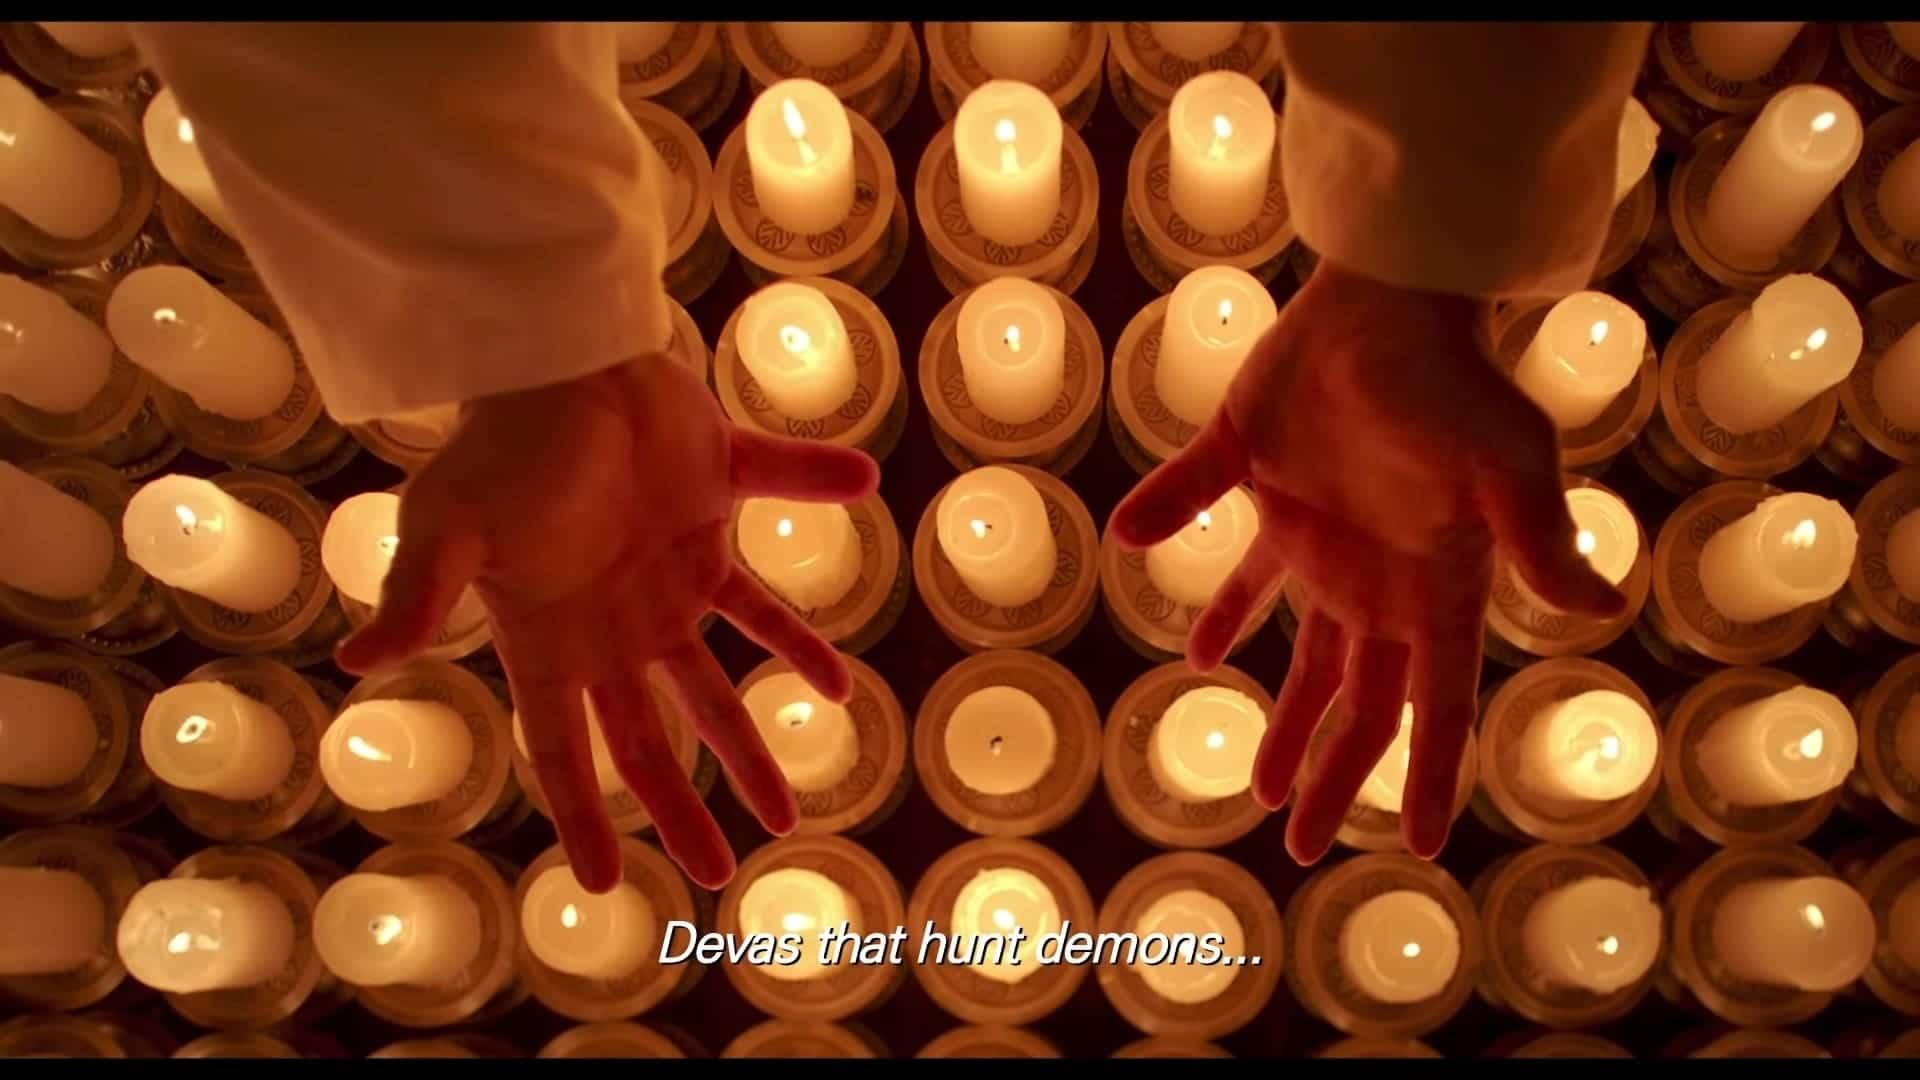 Svaha: The Sixth Finger | หนังฆาตกรรมสยองขวัญลึกลับซับซ้อน ที่ใช้ตำนานและคำสอนศาสนาพุทธมาผูกเรื่อง 3